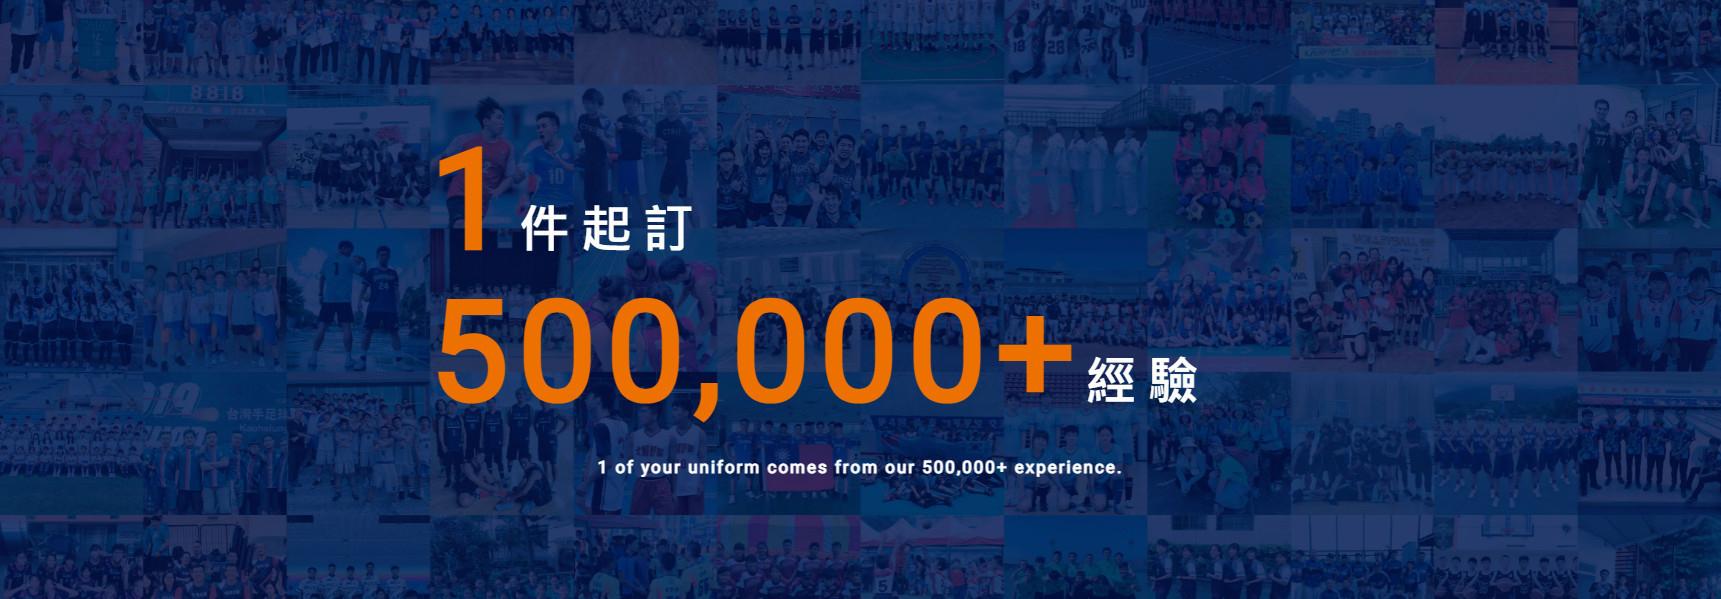 台北SEO網頁優化成功案例-眾星實業豐富經驗|鯊客科技SEO優化網站設計成功案例